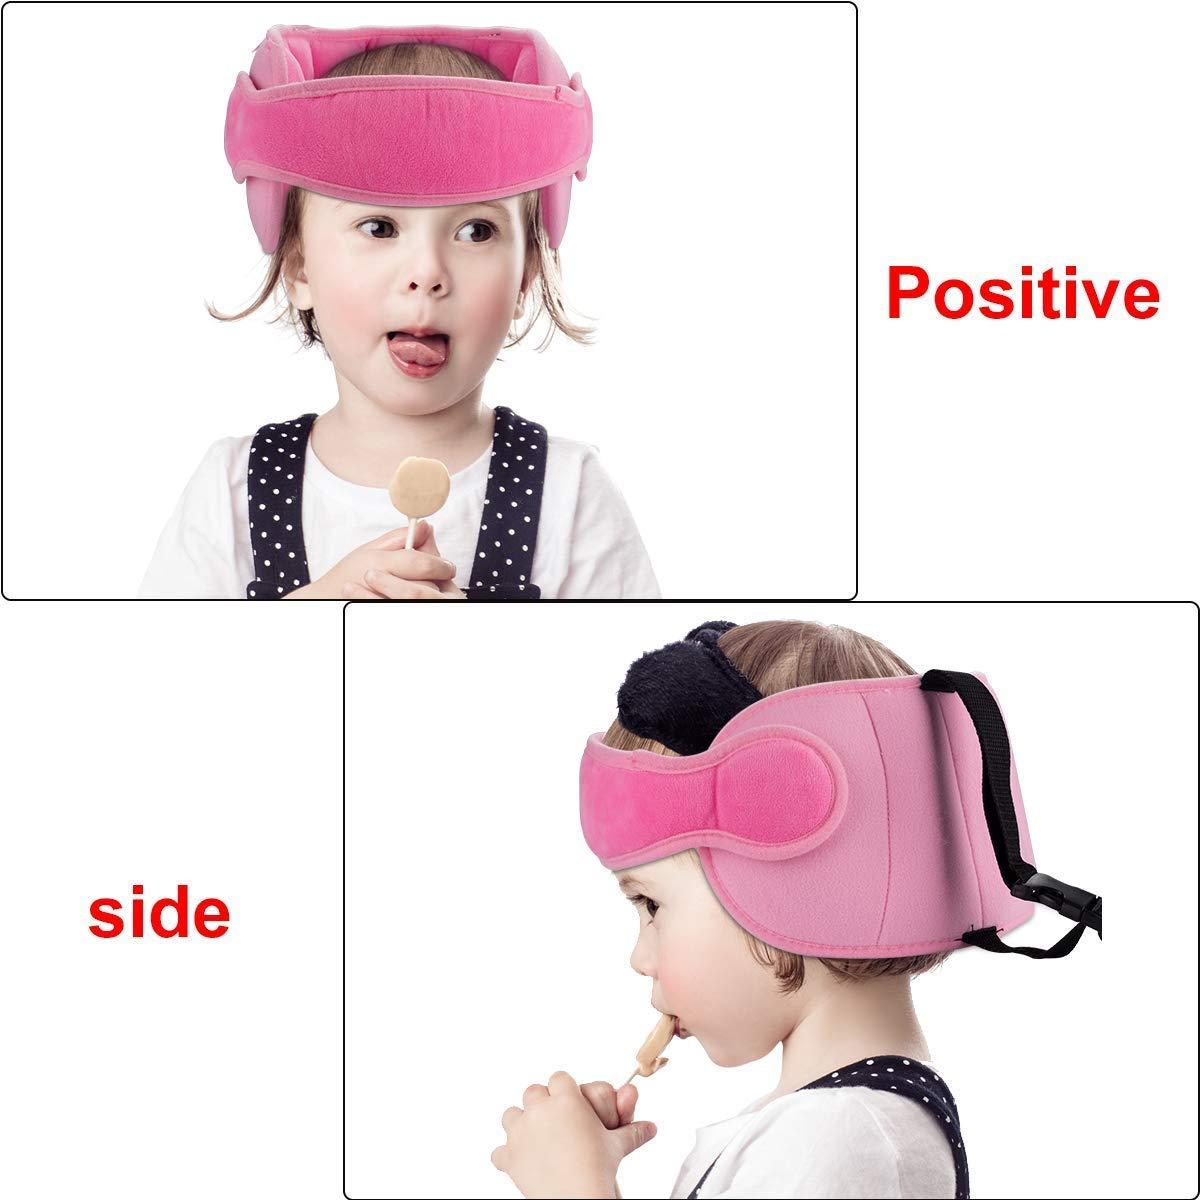 MGDAM Correa de soporte para la cabeza y el cuello del asiento de coche para beb/é Azul localizador de sue/ño de seguridad para el cuello y seguridad para ni/ños ajustable